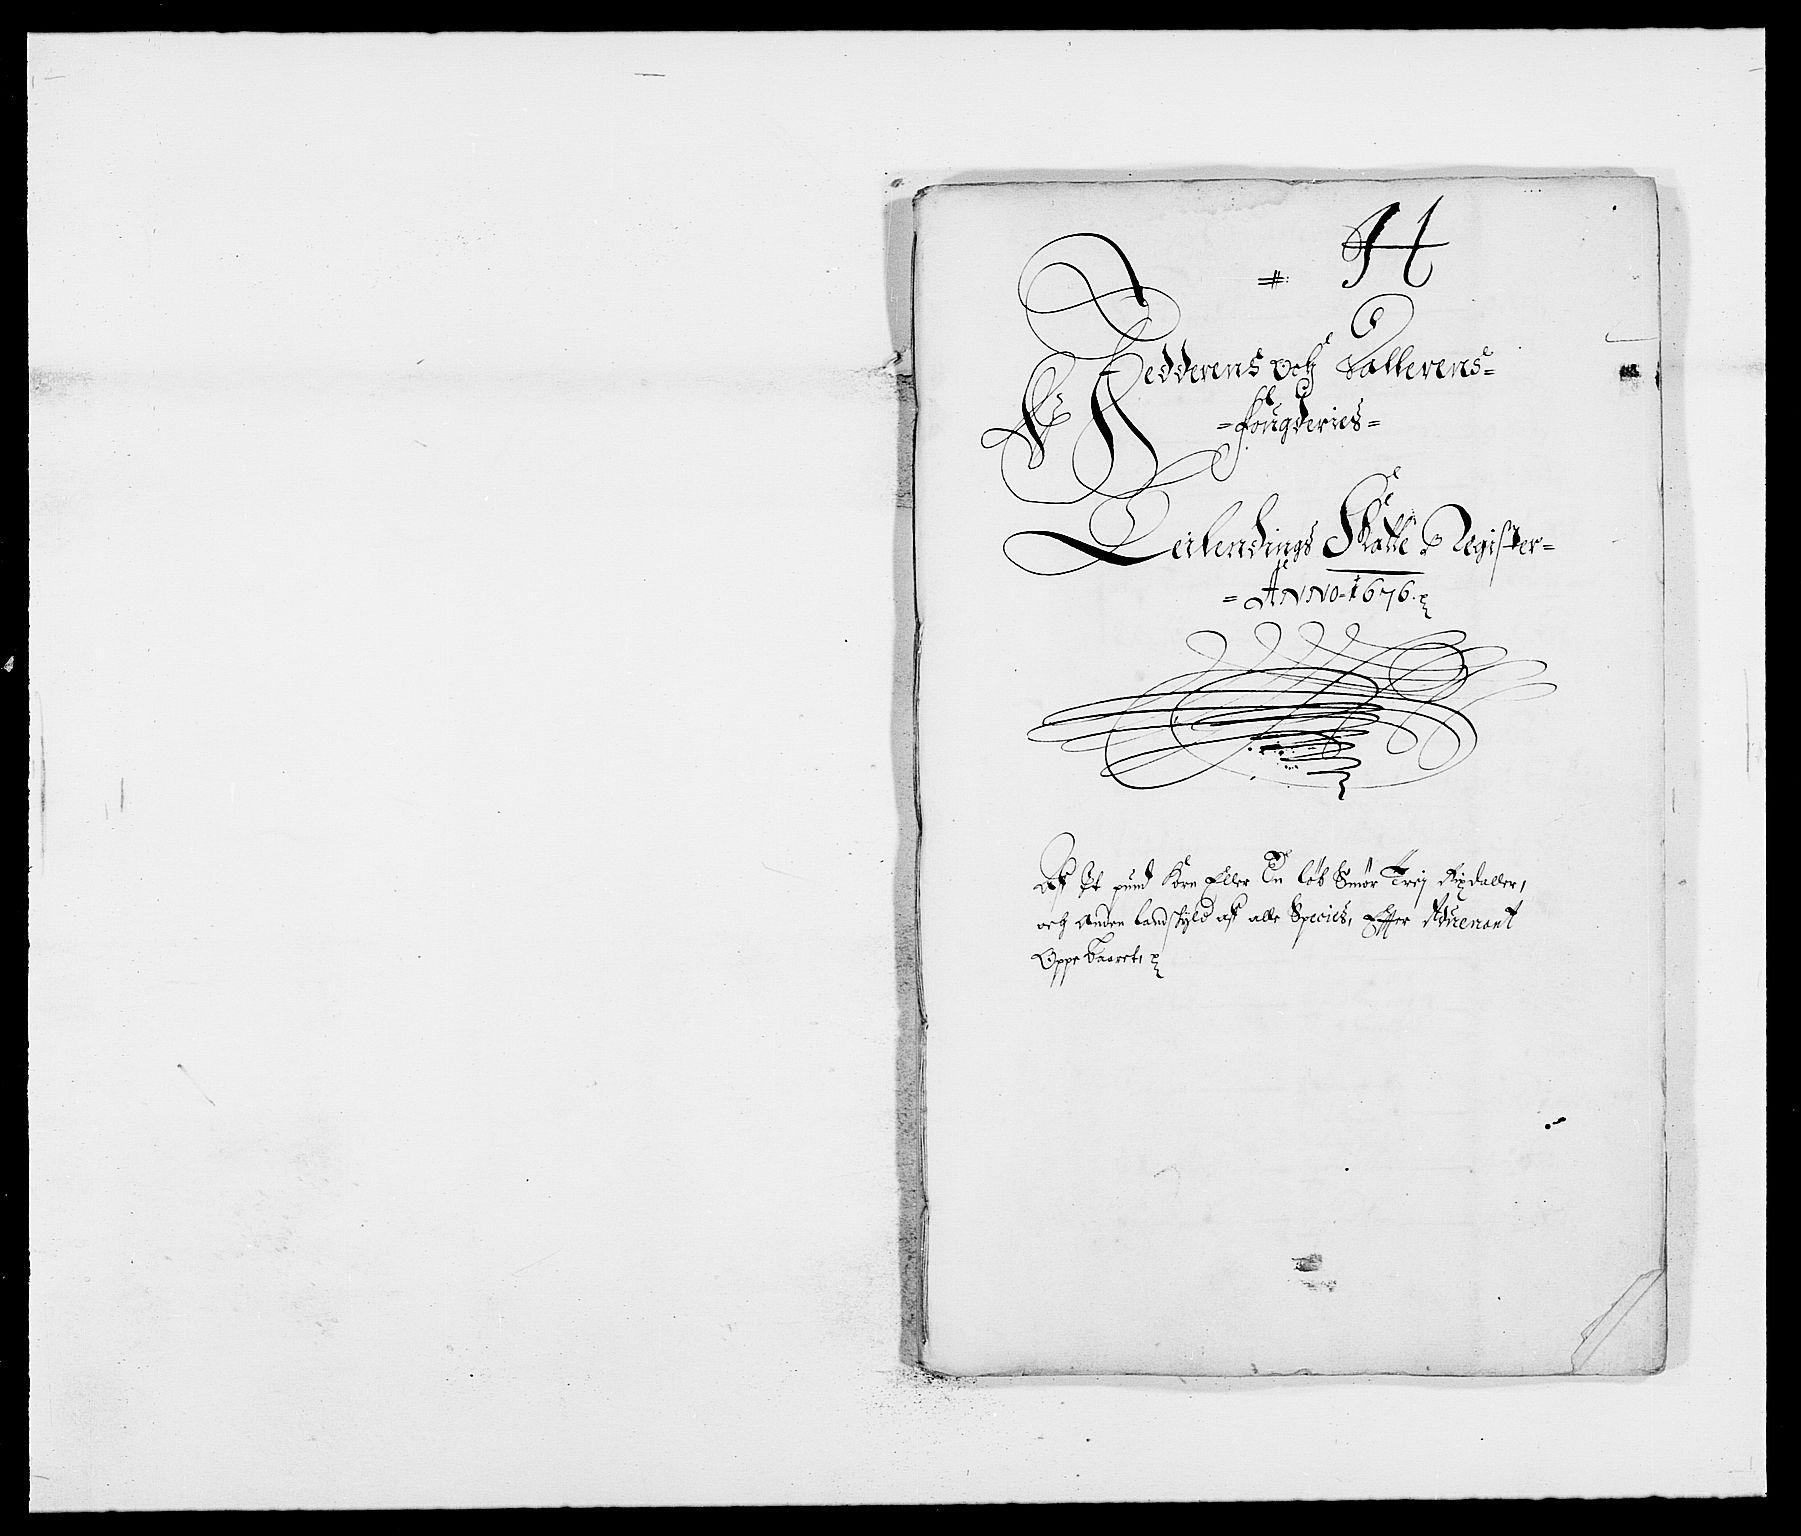 RA, Rentekammeret inntil 1814, Reviderte regnskaper, Fogderegnskap, R46/L2716: Fogderegnskap Jæren og Dalane, 1676, s. 257